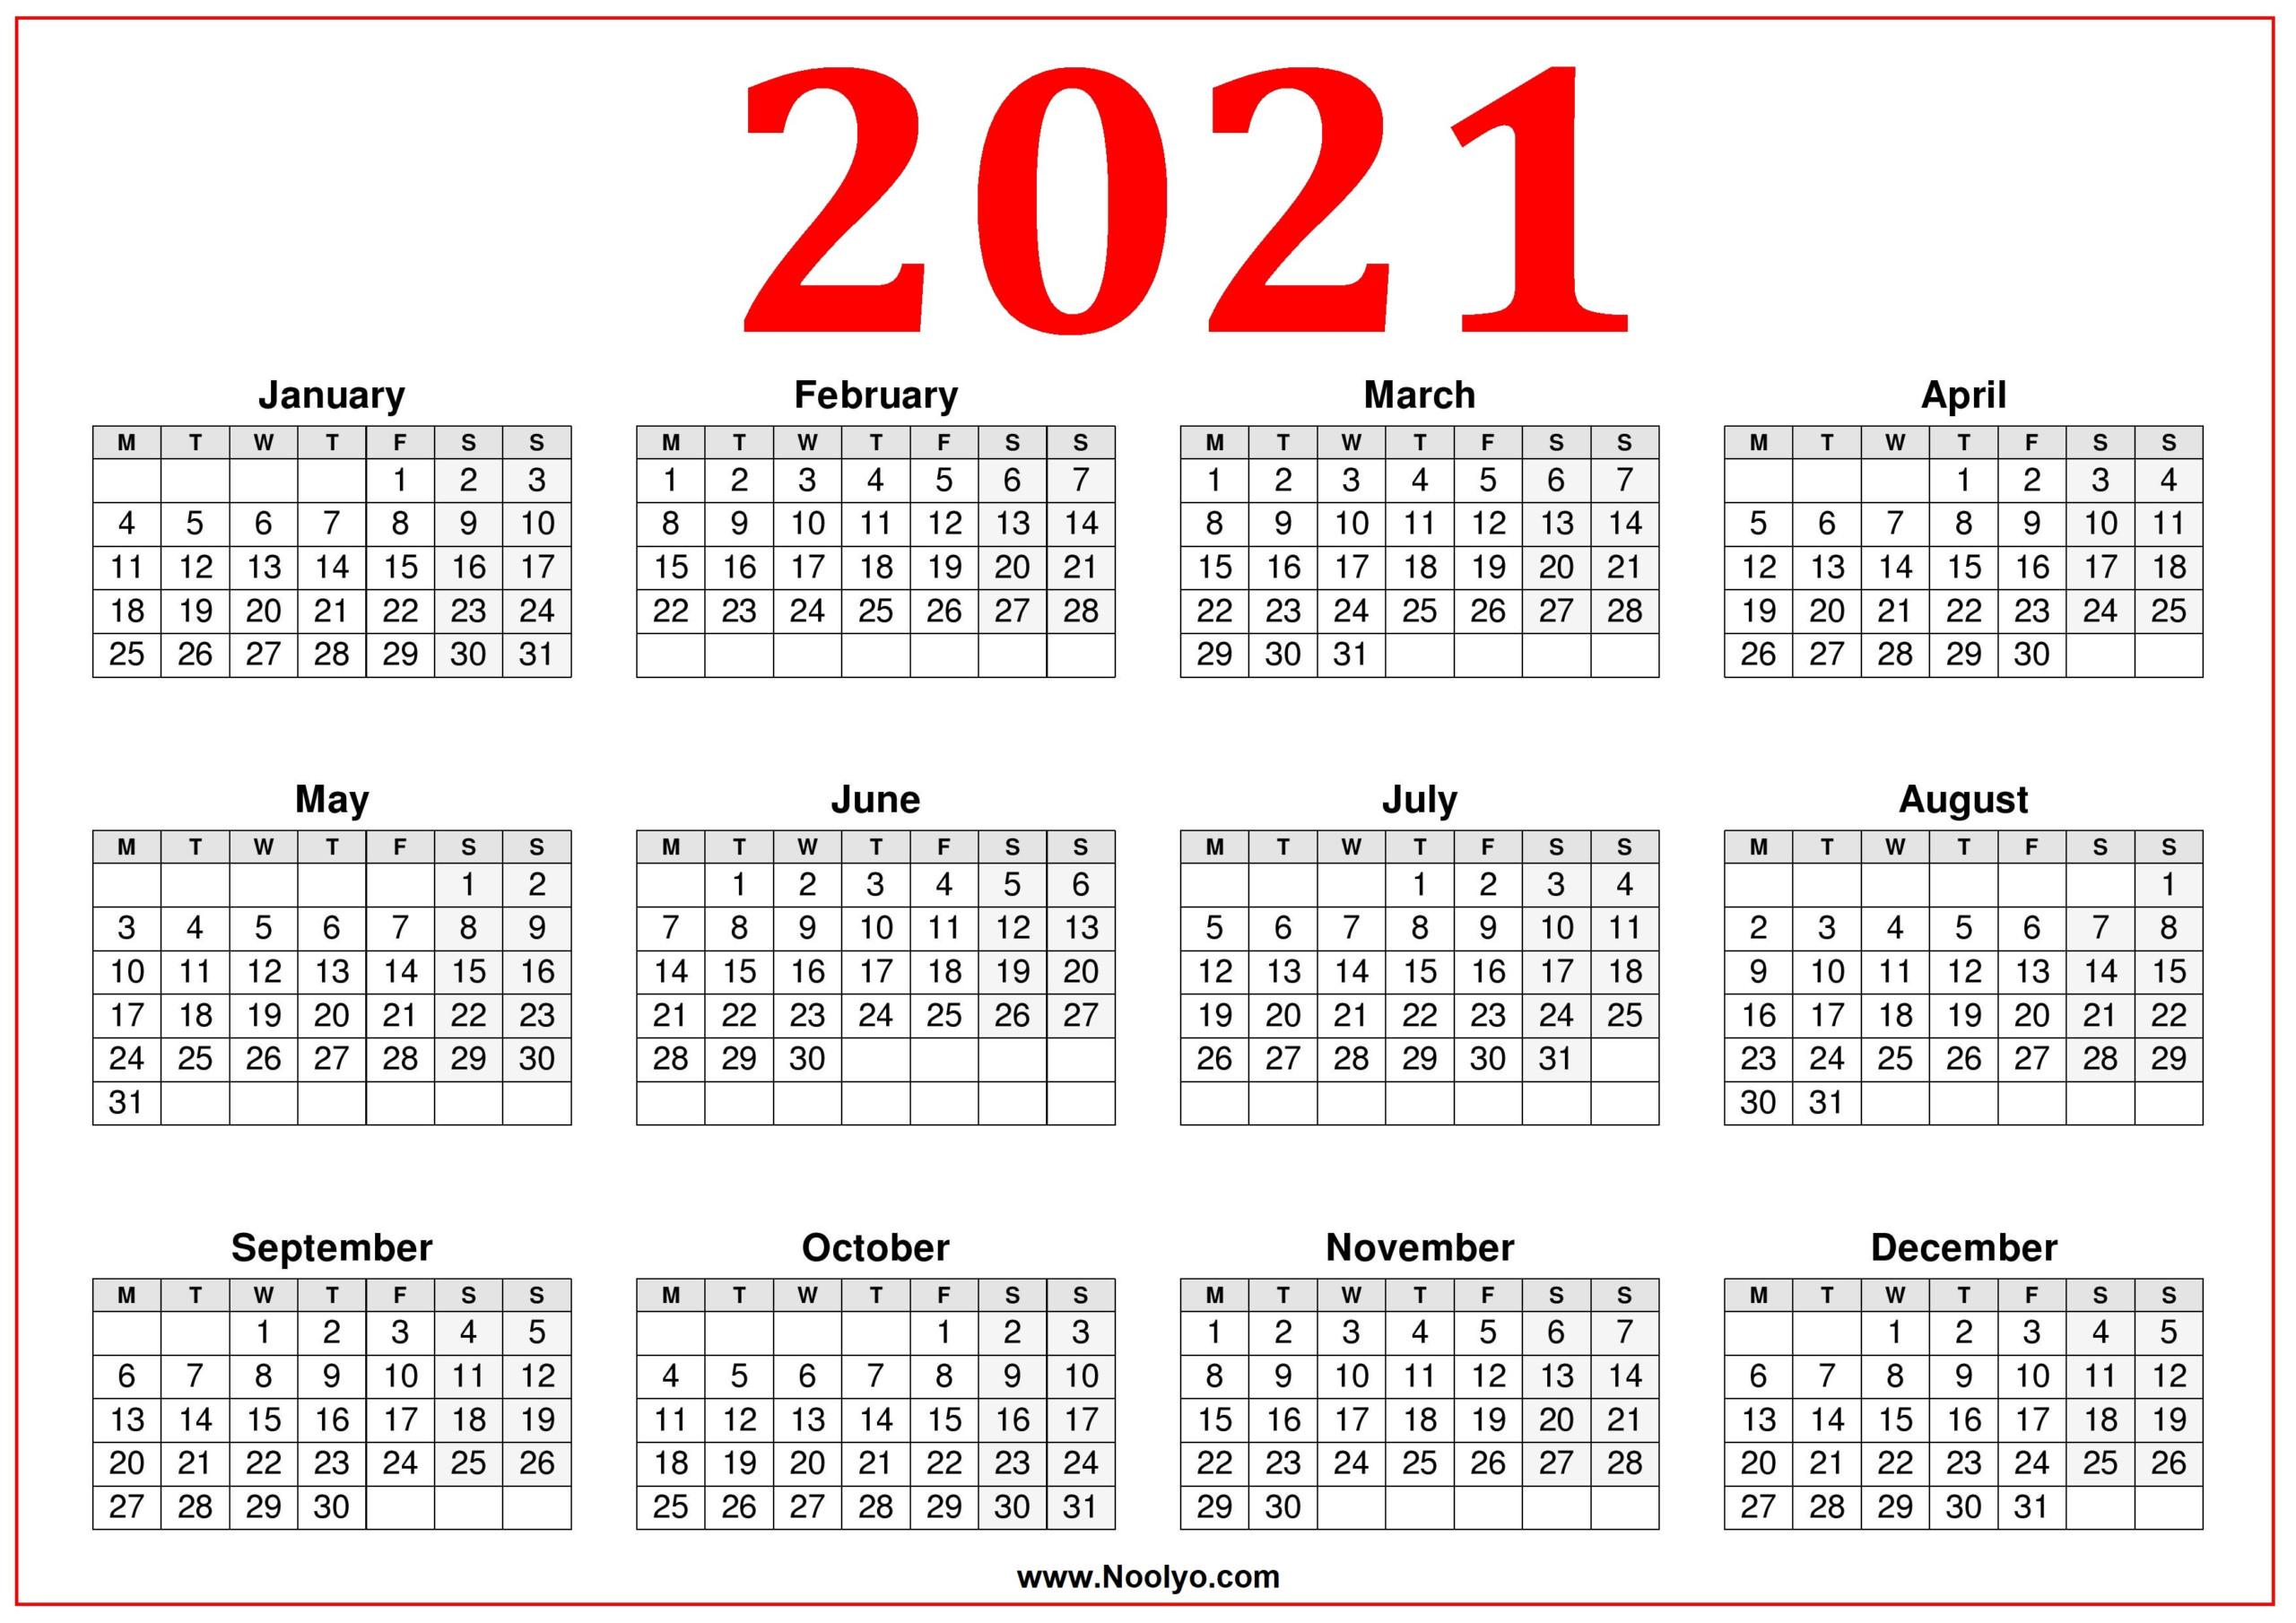 2021 Printable Calendar Monday | Free 2021 Printable Calendars for Free Fillable Calendar 2021